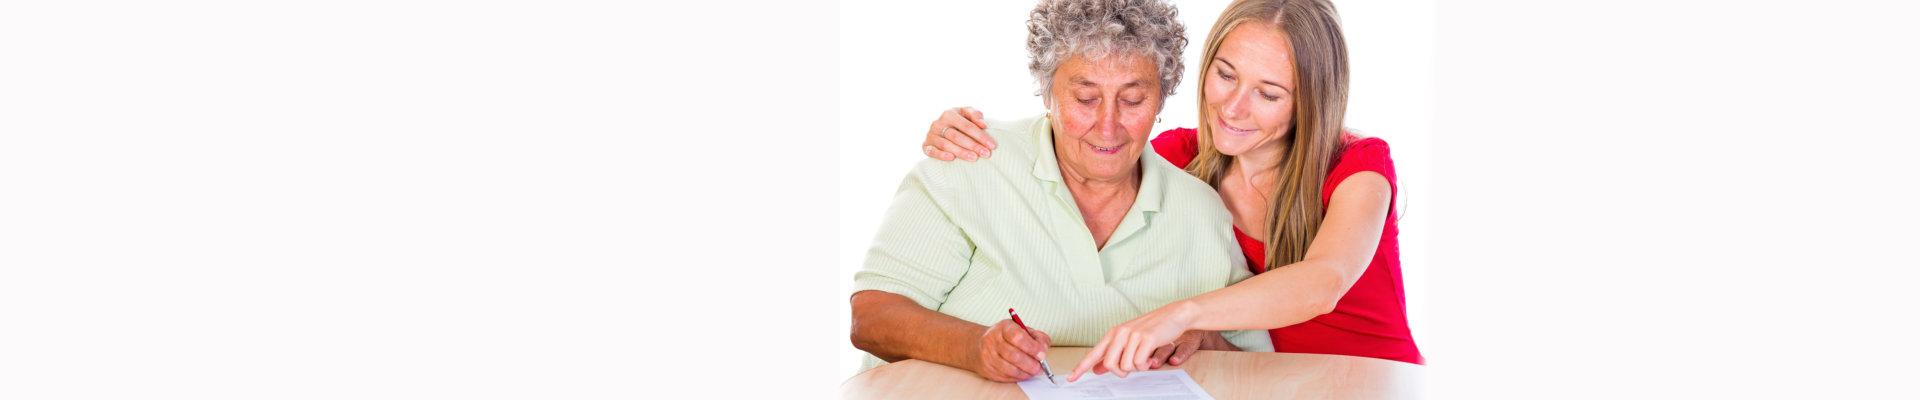 caregiver assisting a caregiver to write